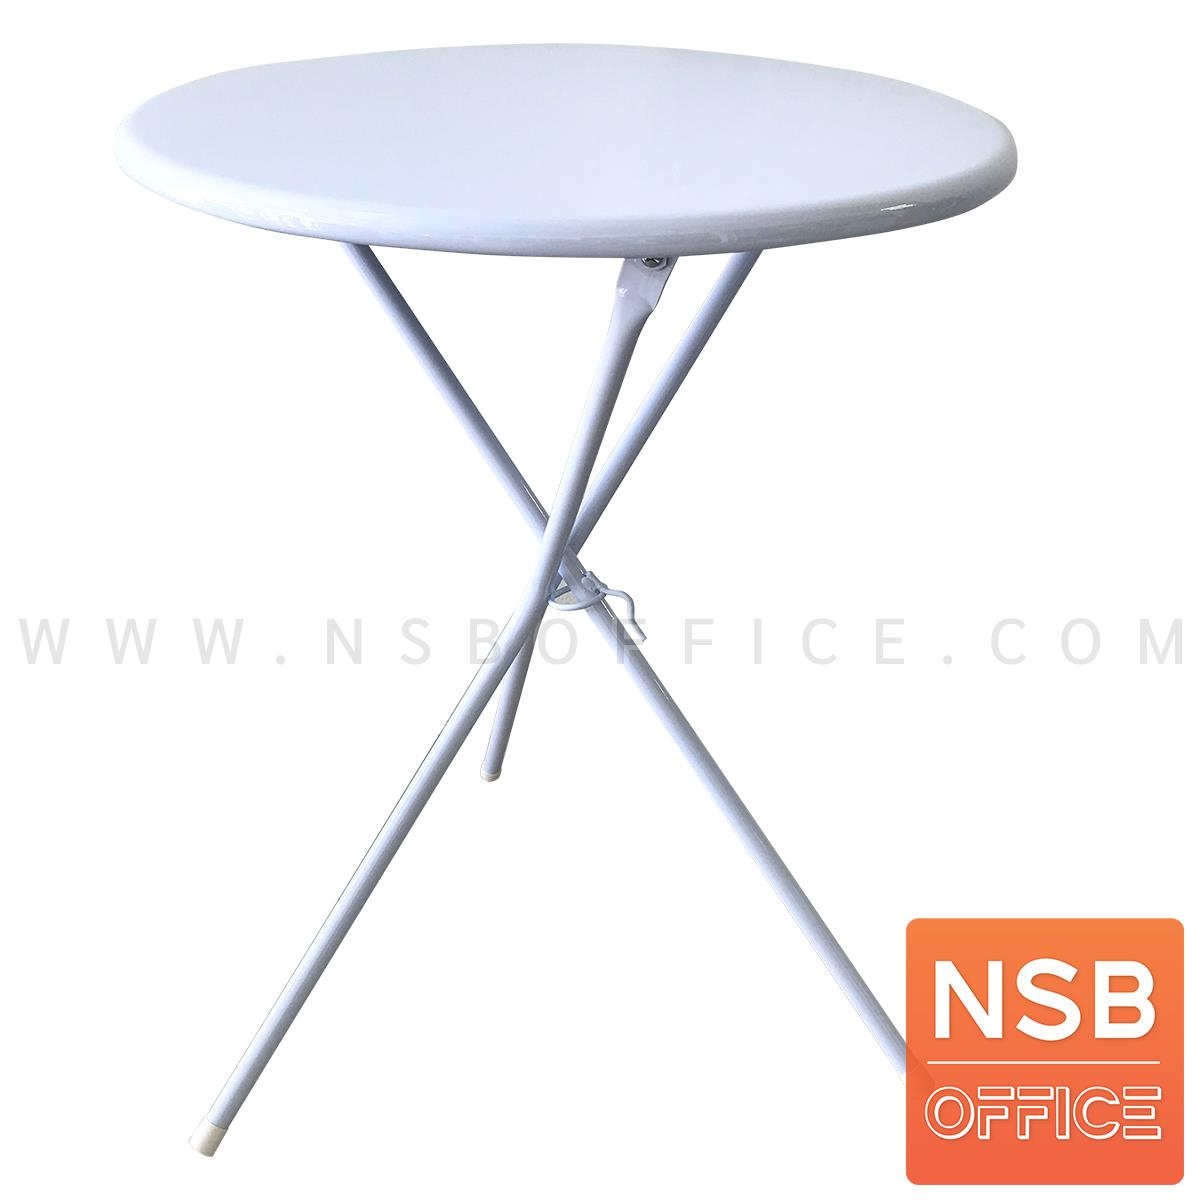 A08A016:โต๊ะพับหน้าเหล็ก รุ่น Lunar (ลูน่า) ขนาด 60Di cm.  ขาเหล็ก